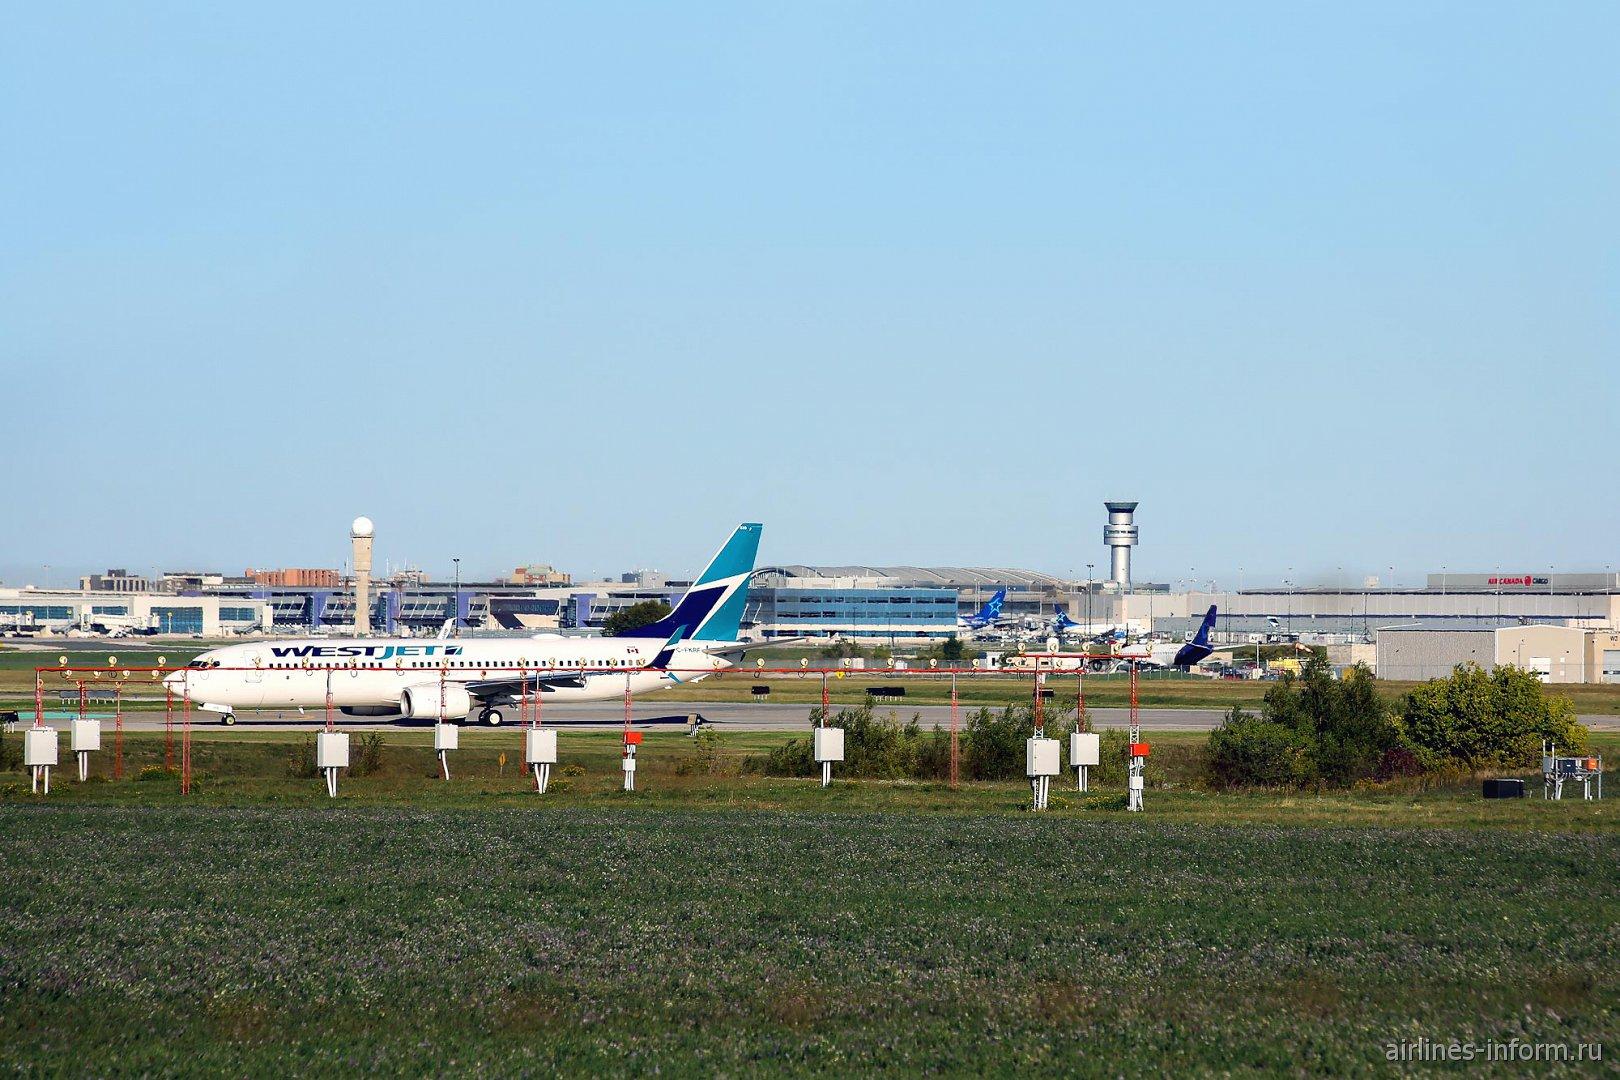 Вид на аэропорт Торонто Пирсон с торца взлетно-посадочной полосы